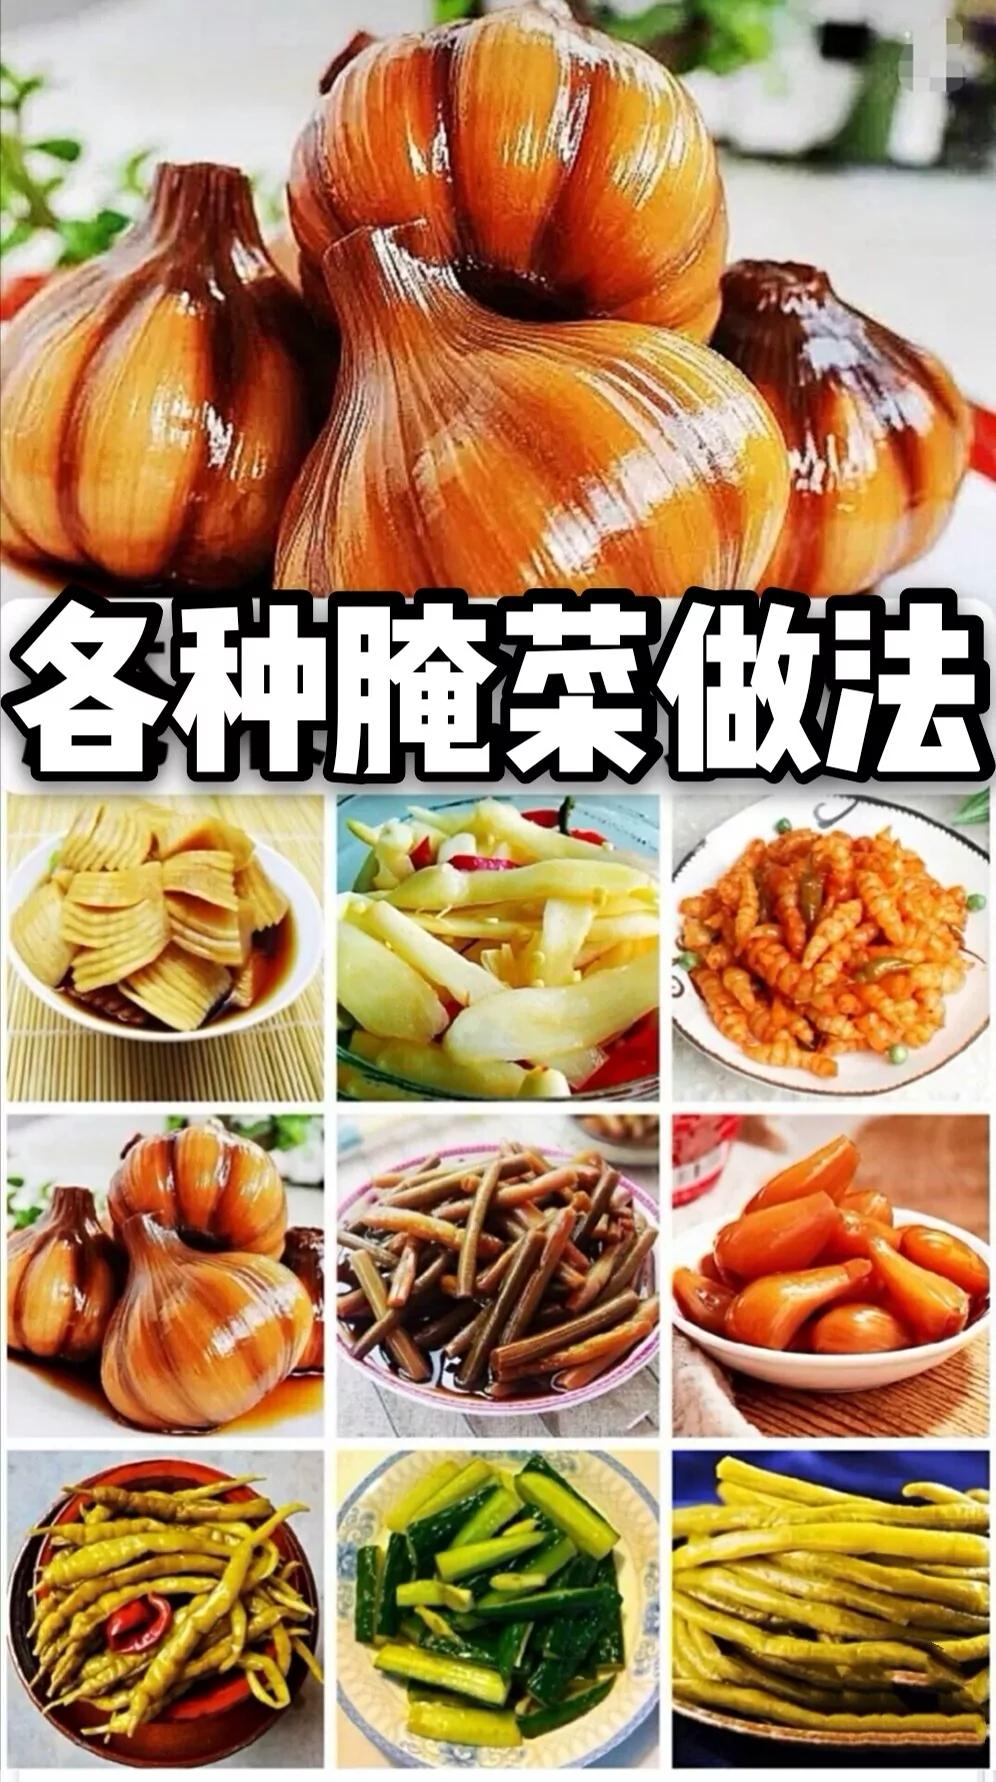 咸菜做法及配料 美食做法 第1张